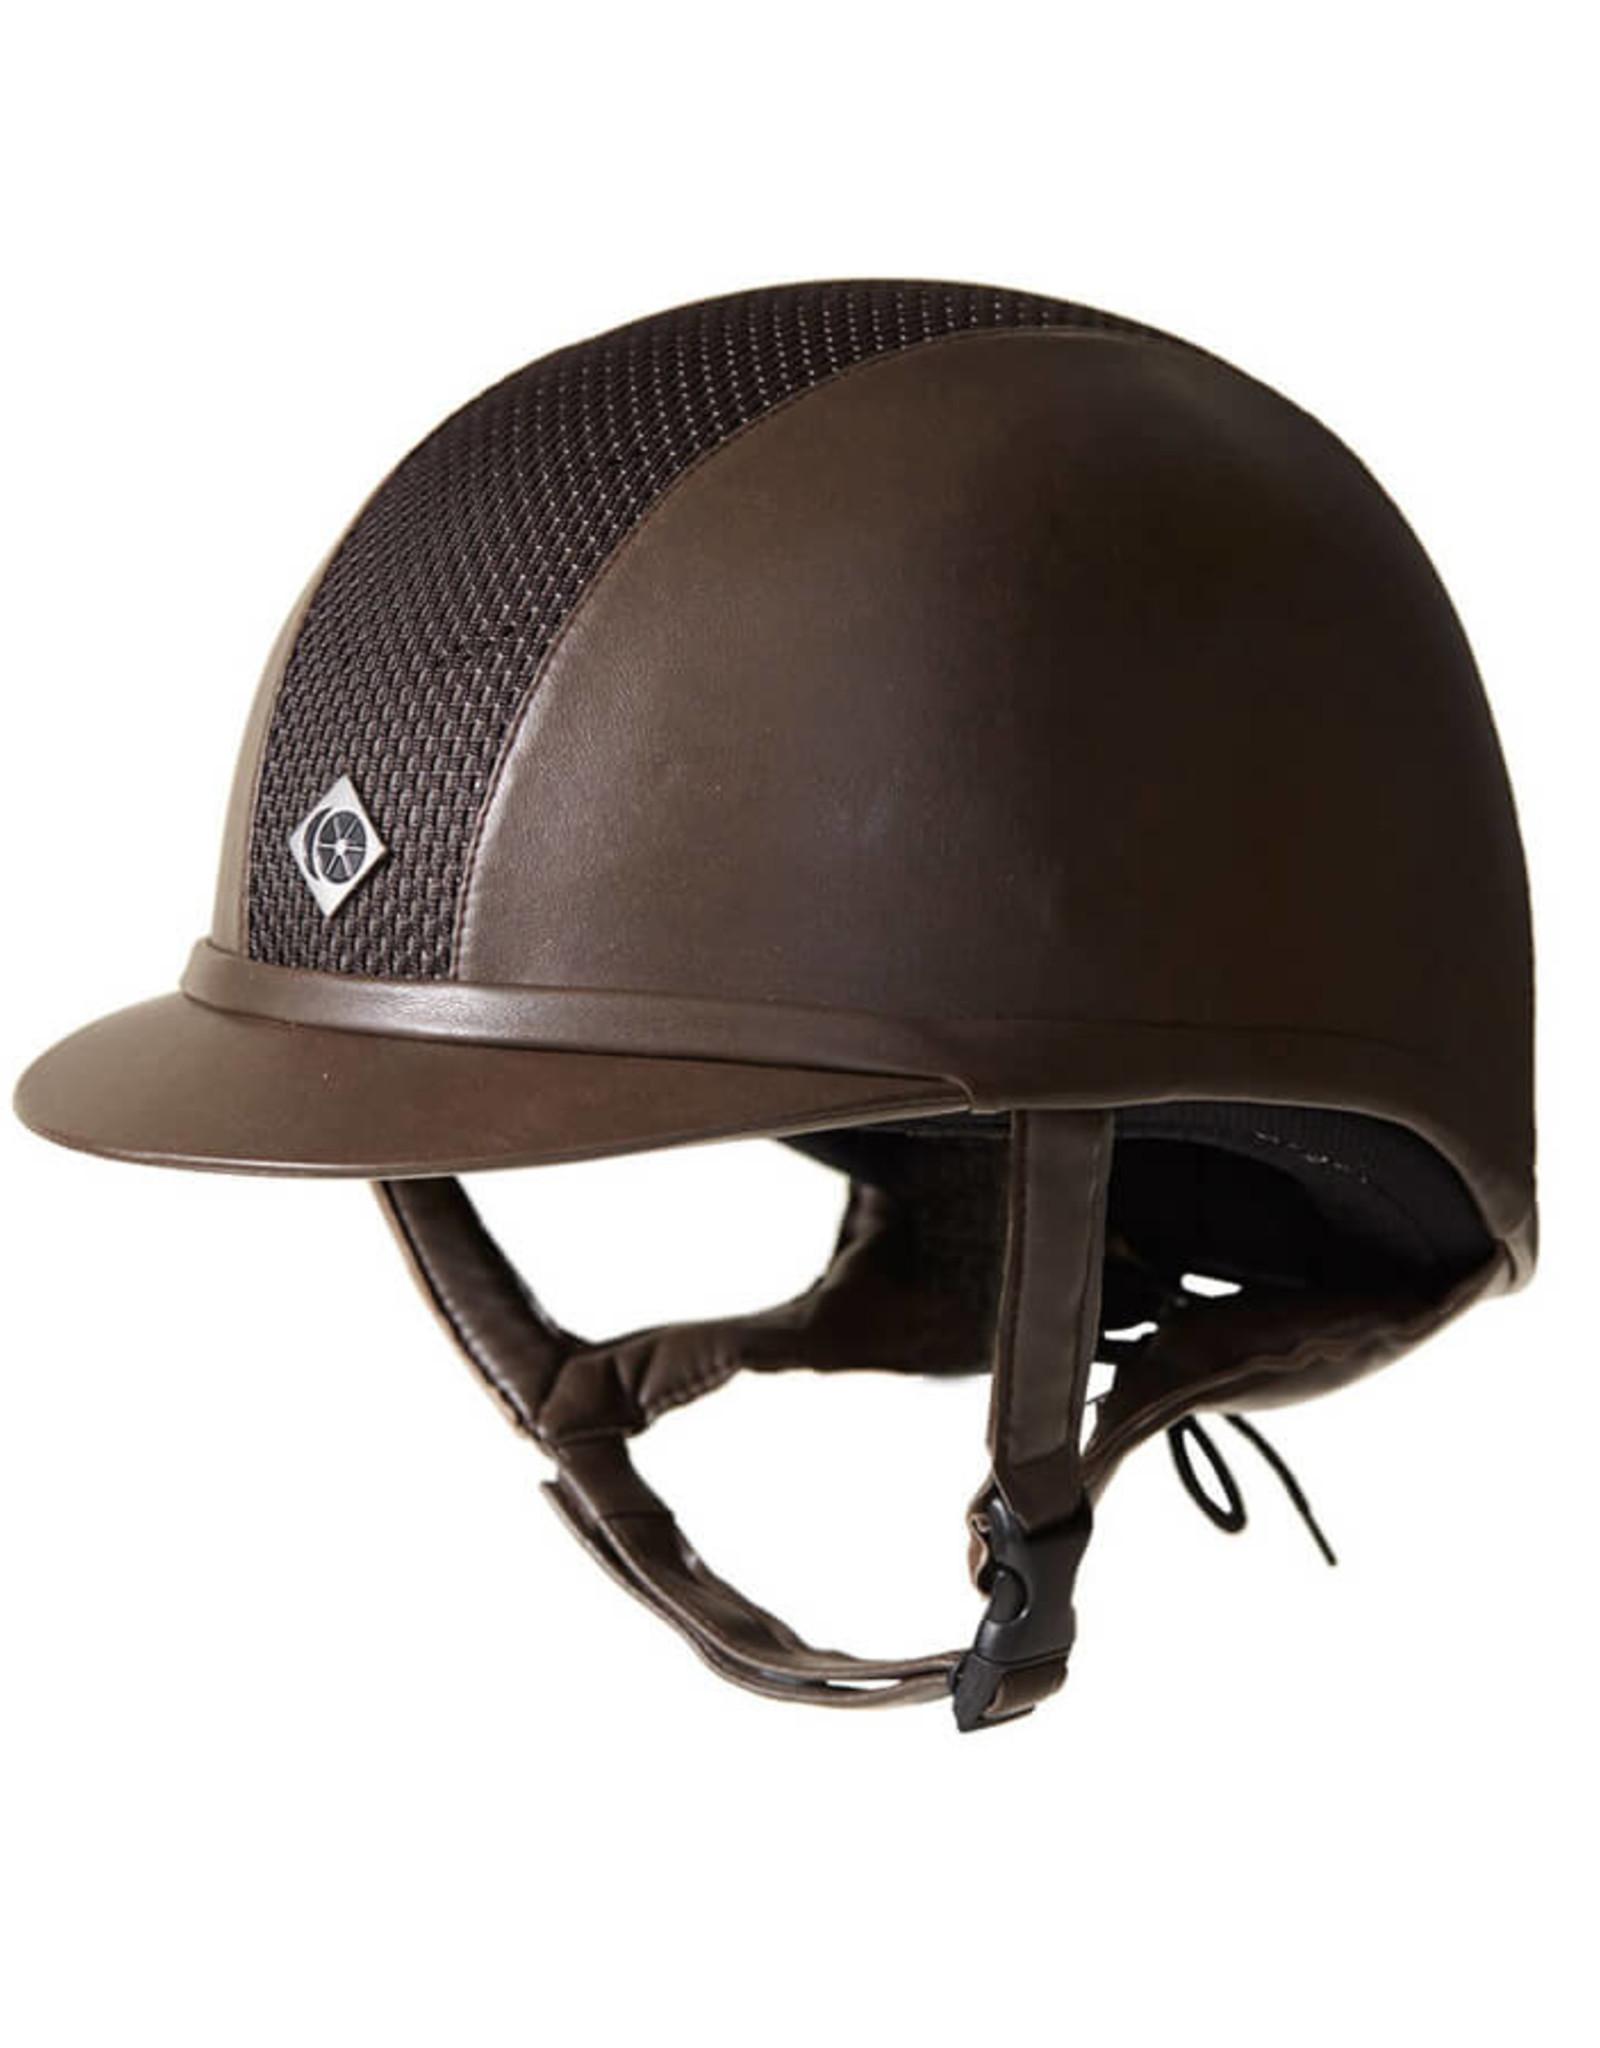 Charles Owen AYR8 Plus Leather Look Helmet